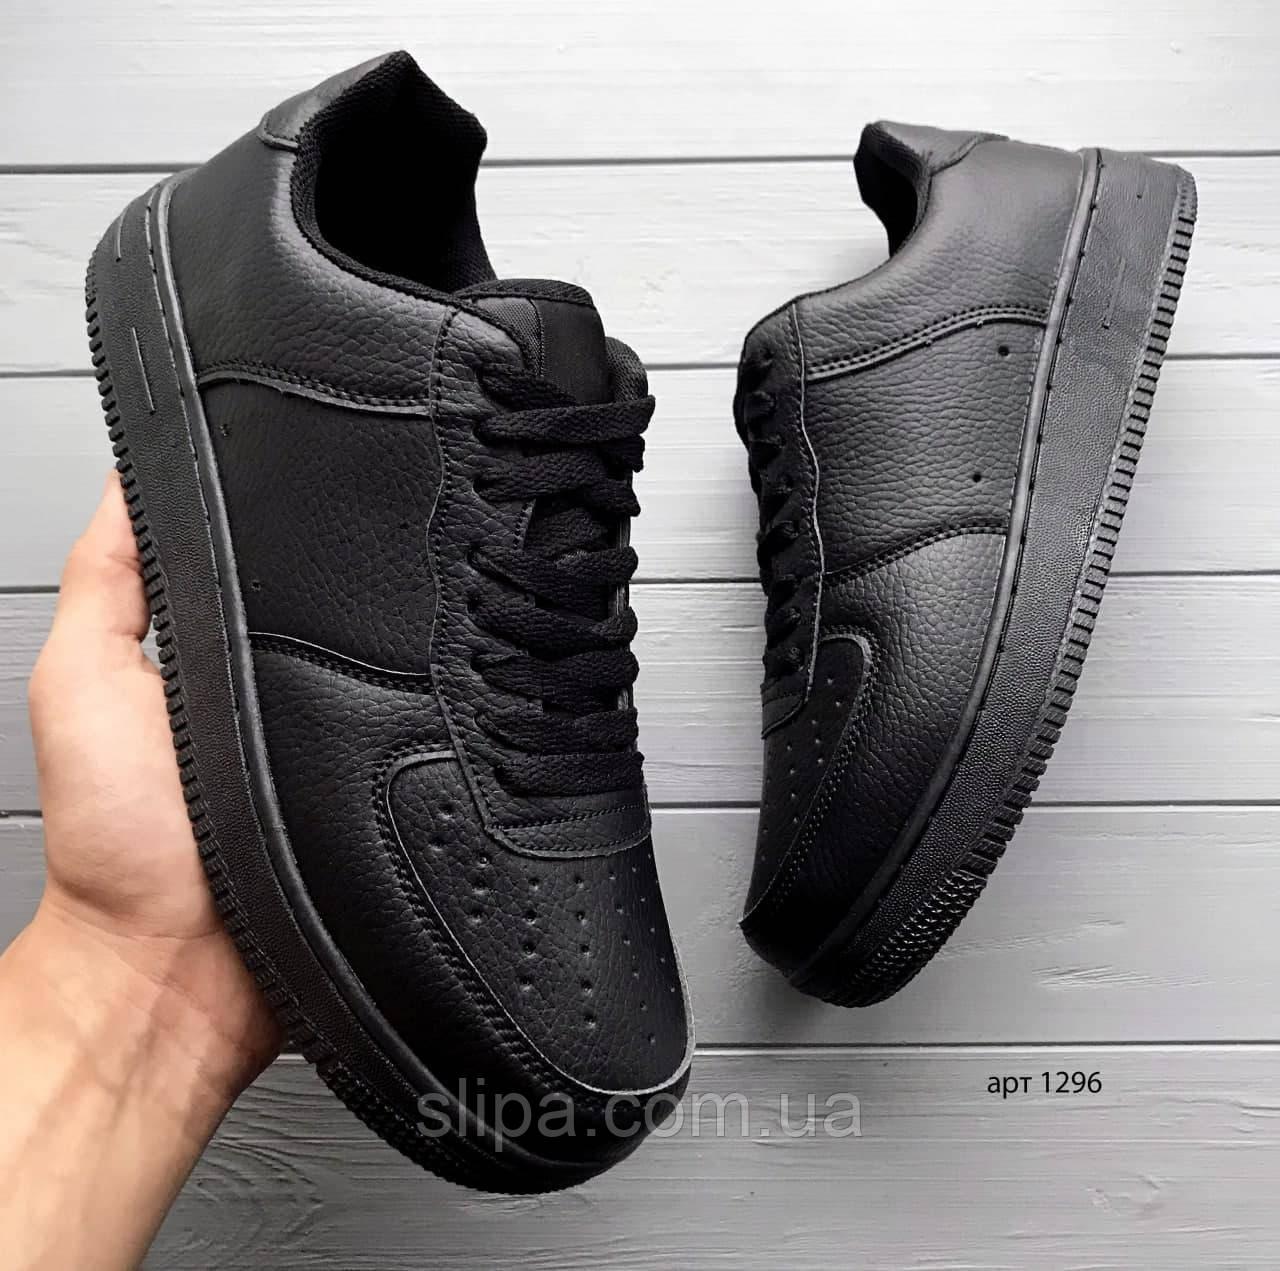 Чоловічі шкіряні кросівки Black FRE